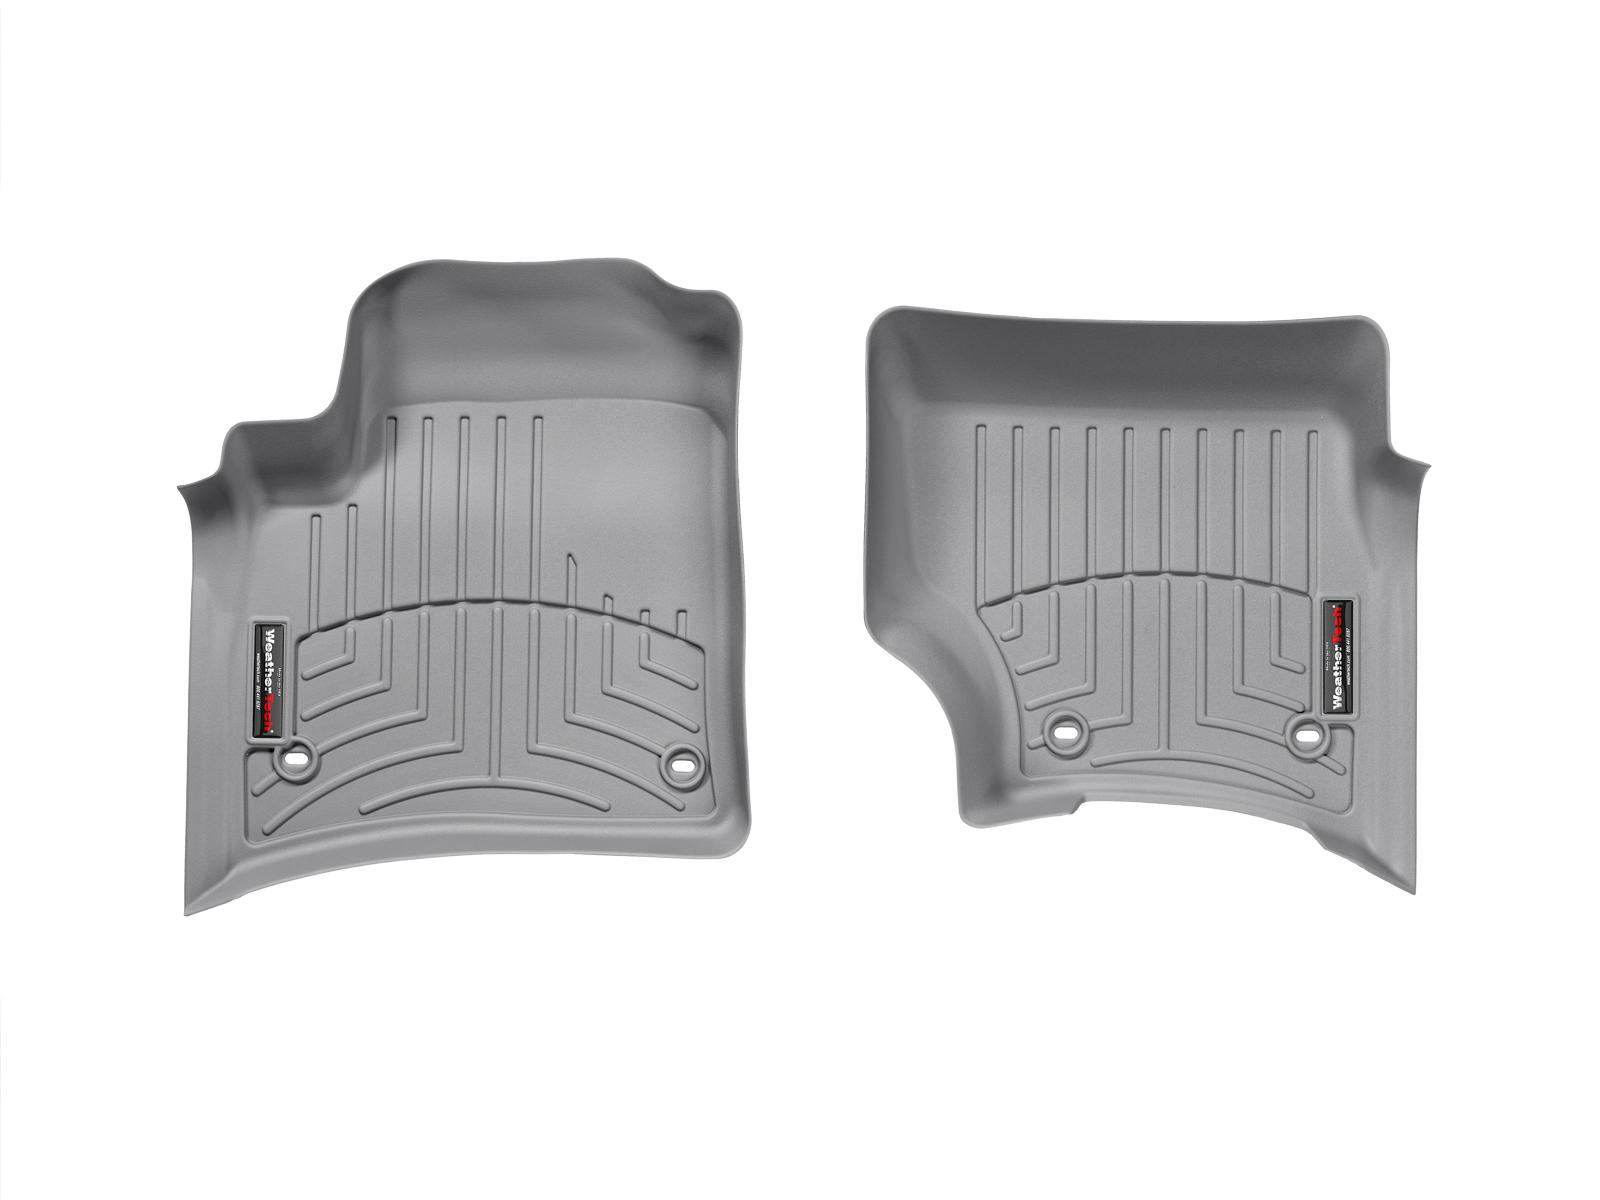 Tappeti gomma su misura bordo alto Volkswagen Touareg 07>08 Grigio A4286*